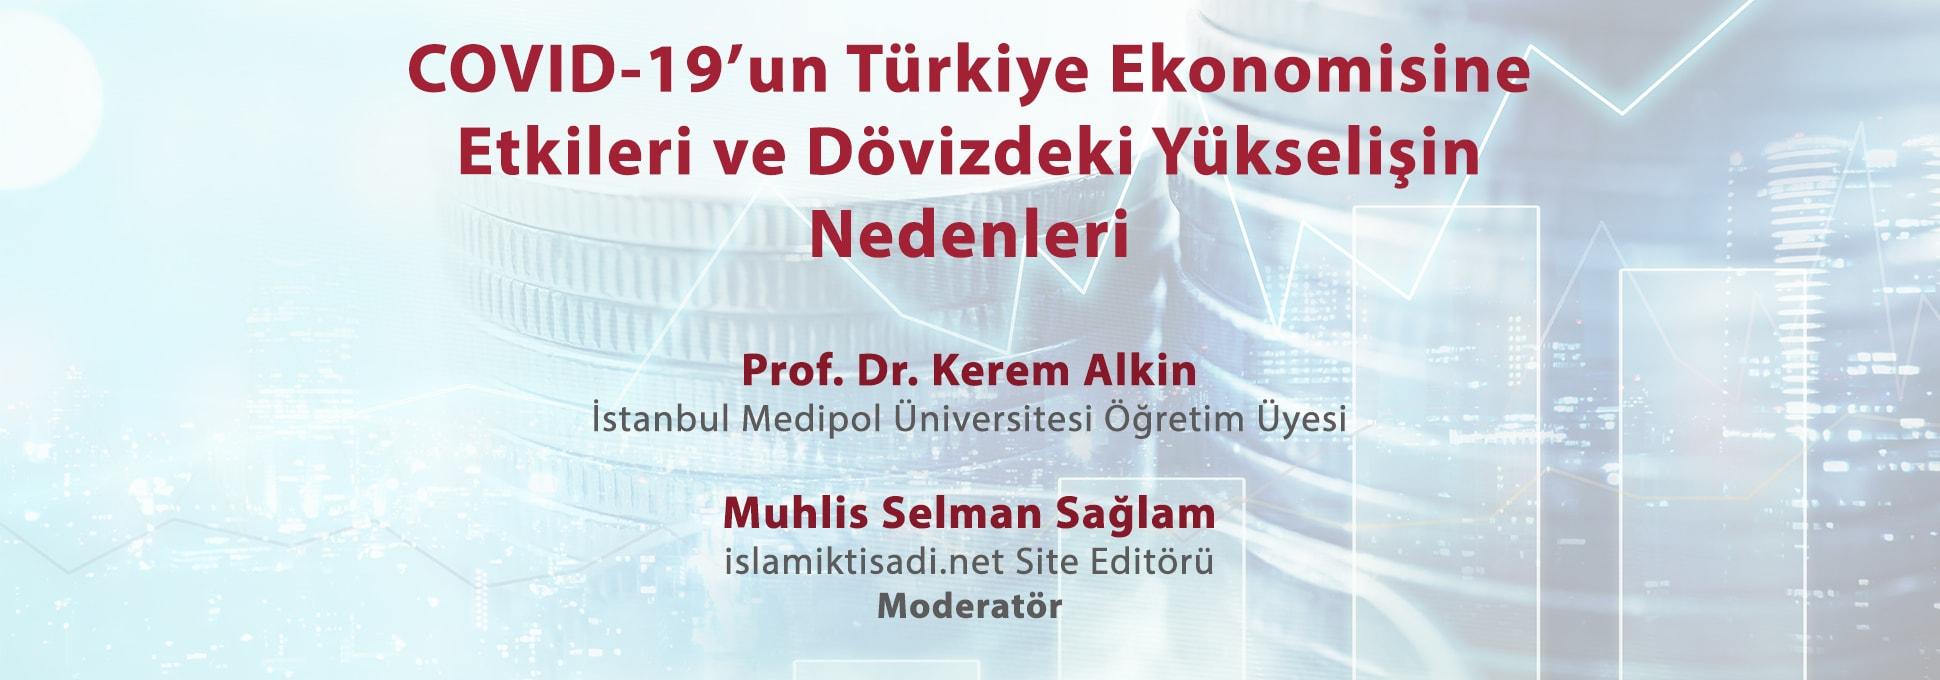 Türkiye Ekonomisi ve Dövizdeki Yükselişin Nedenleri